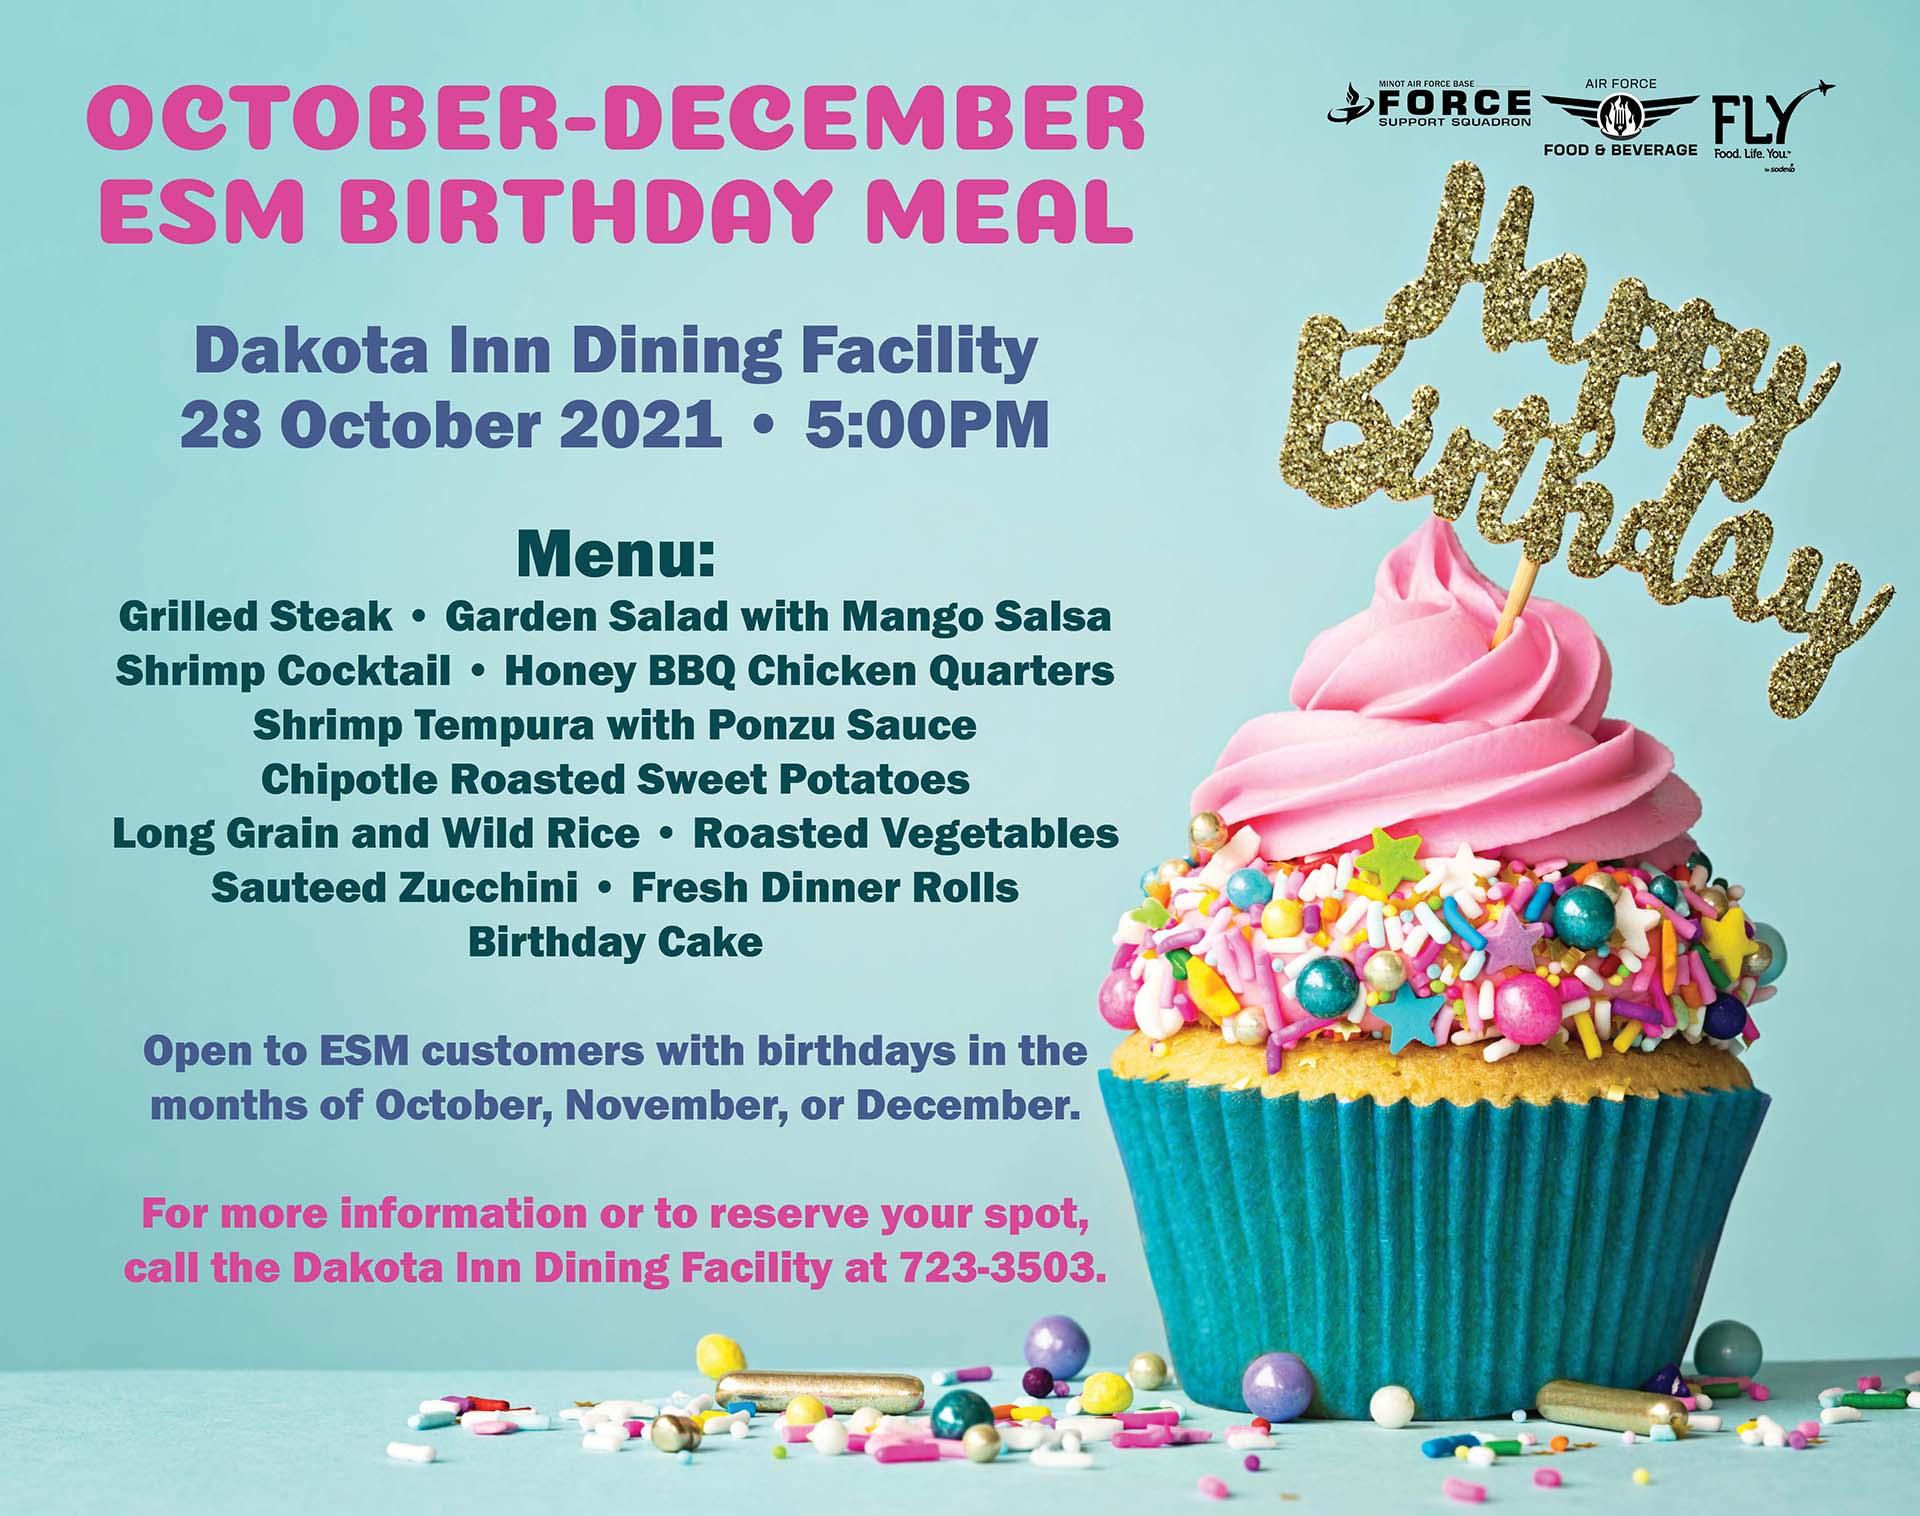 10.28 October-December ESM Birthday Meal